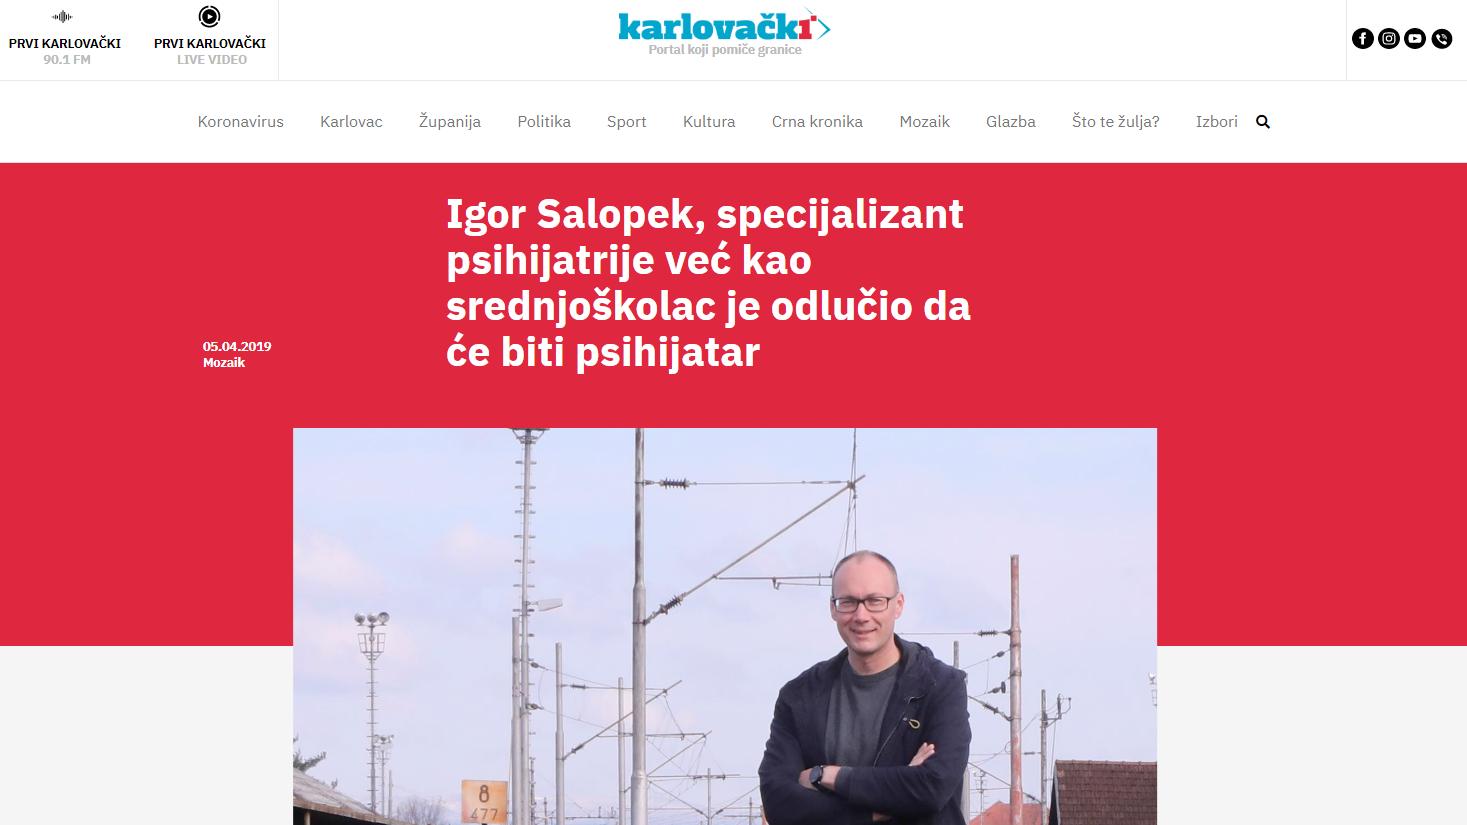 Igor Salopek, specijalizant psihijatrije već kao srednjoškolac je odlučio da će biti psihijatar